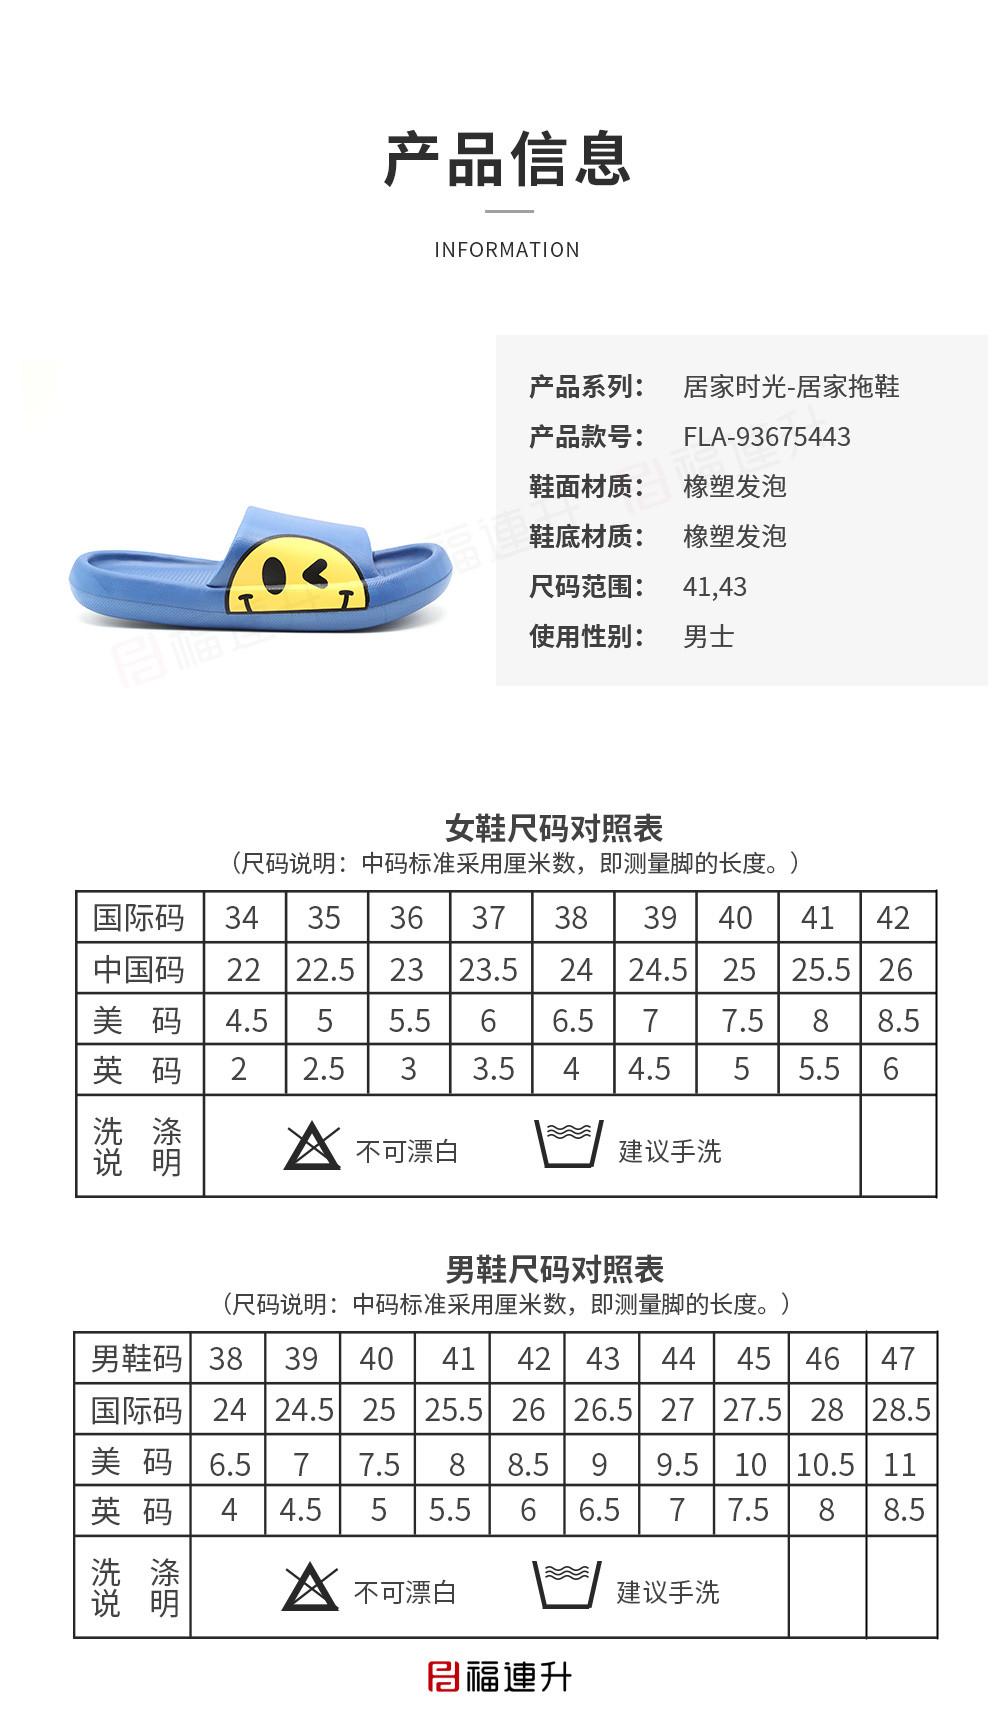 福连升夏季男款凉拖鞋软底舒适防滑拖鞋图片